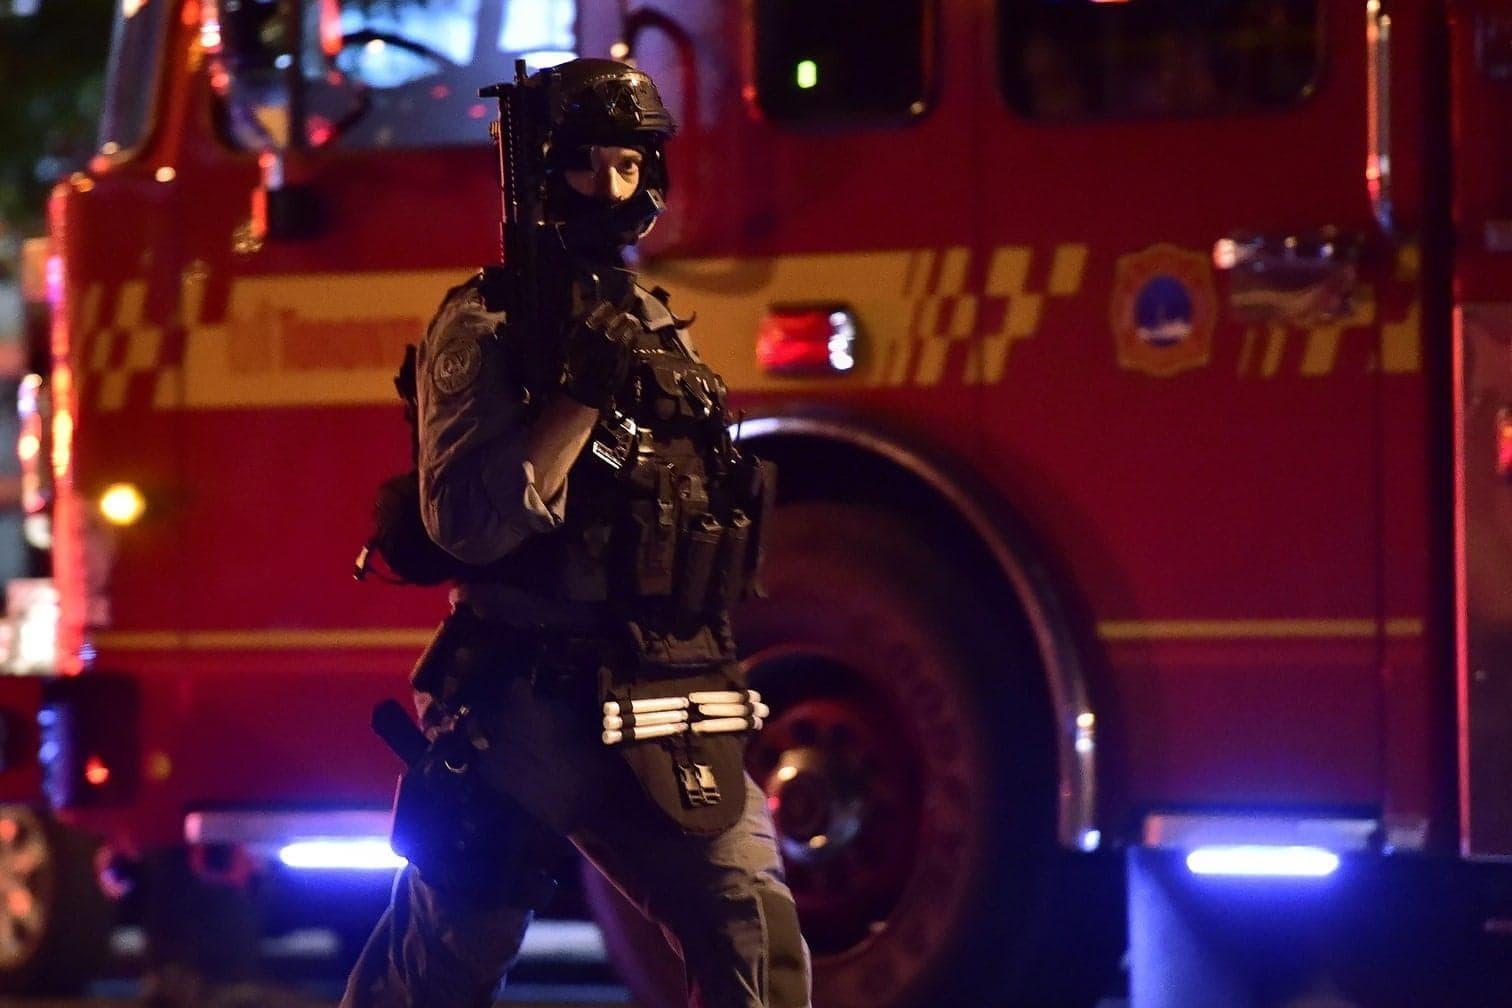 <p>Ein Mann habe das Feuer eröffnet und mindestens neun Menschen verletzt